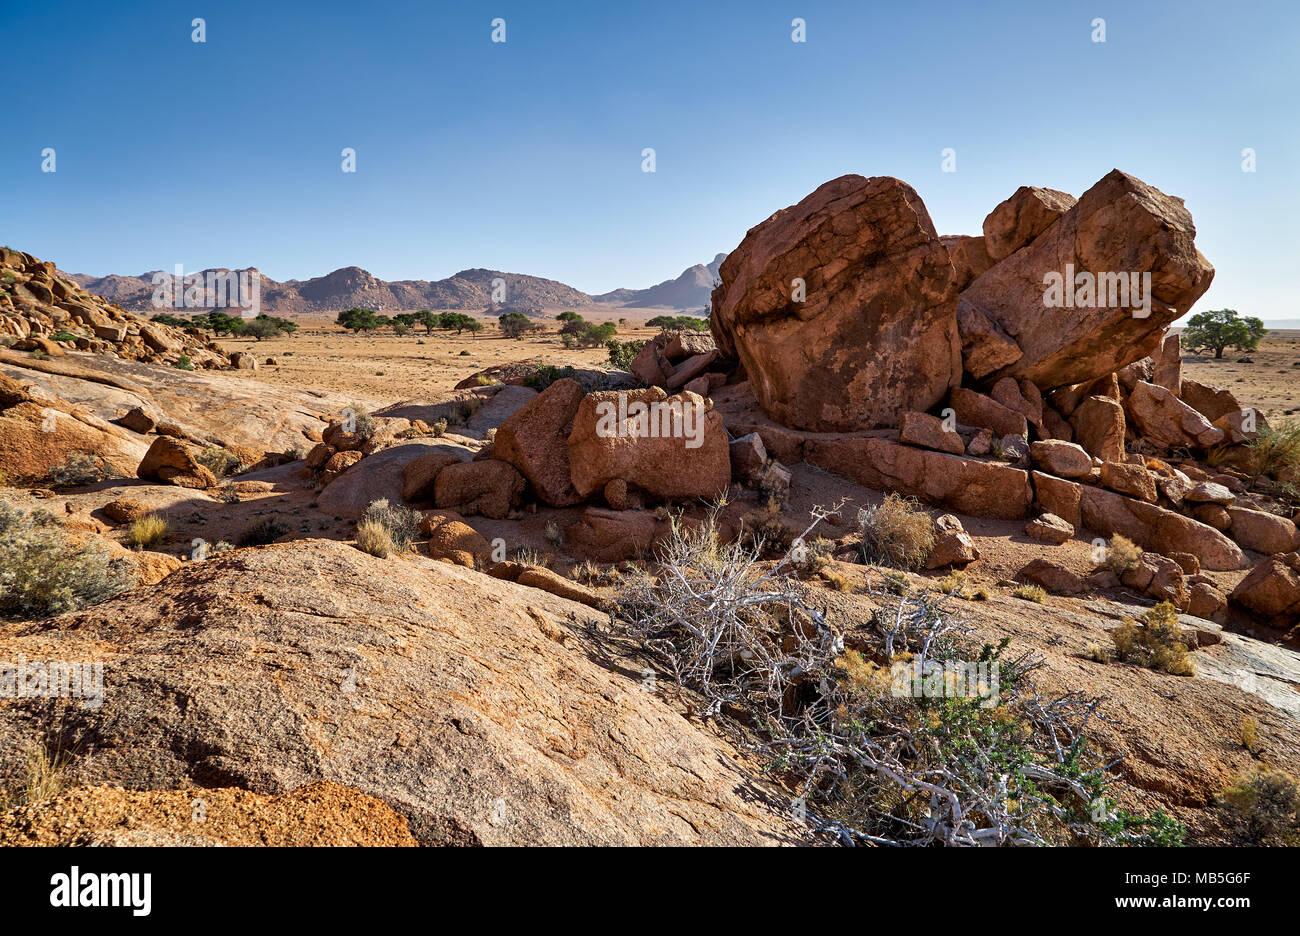 landscape on Farm Namtib, Tiras mountains, Namibia, Africa - Stock Image